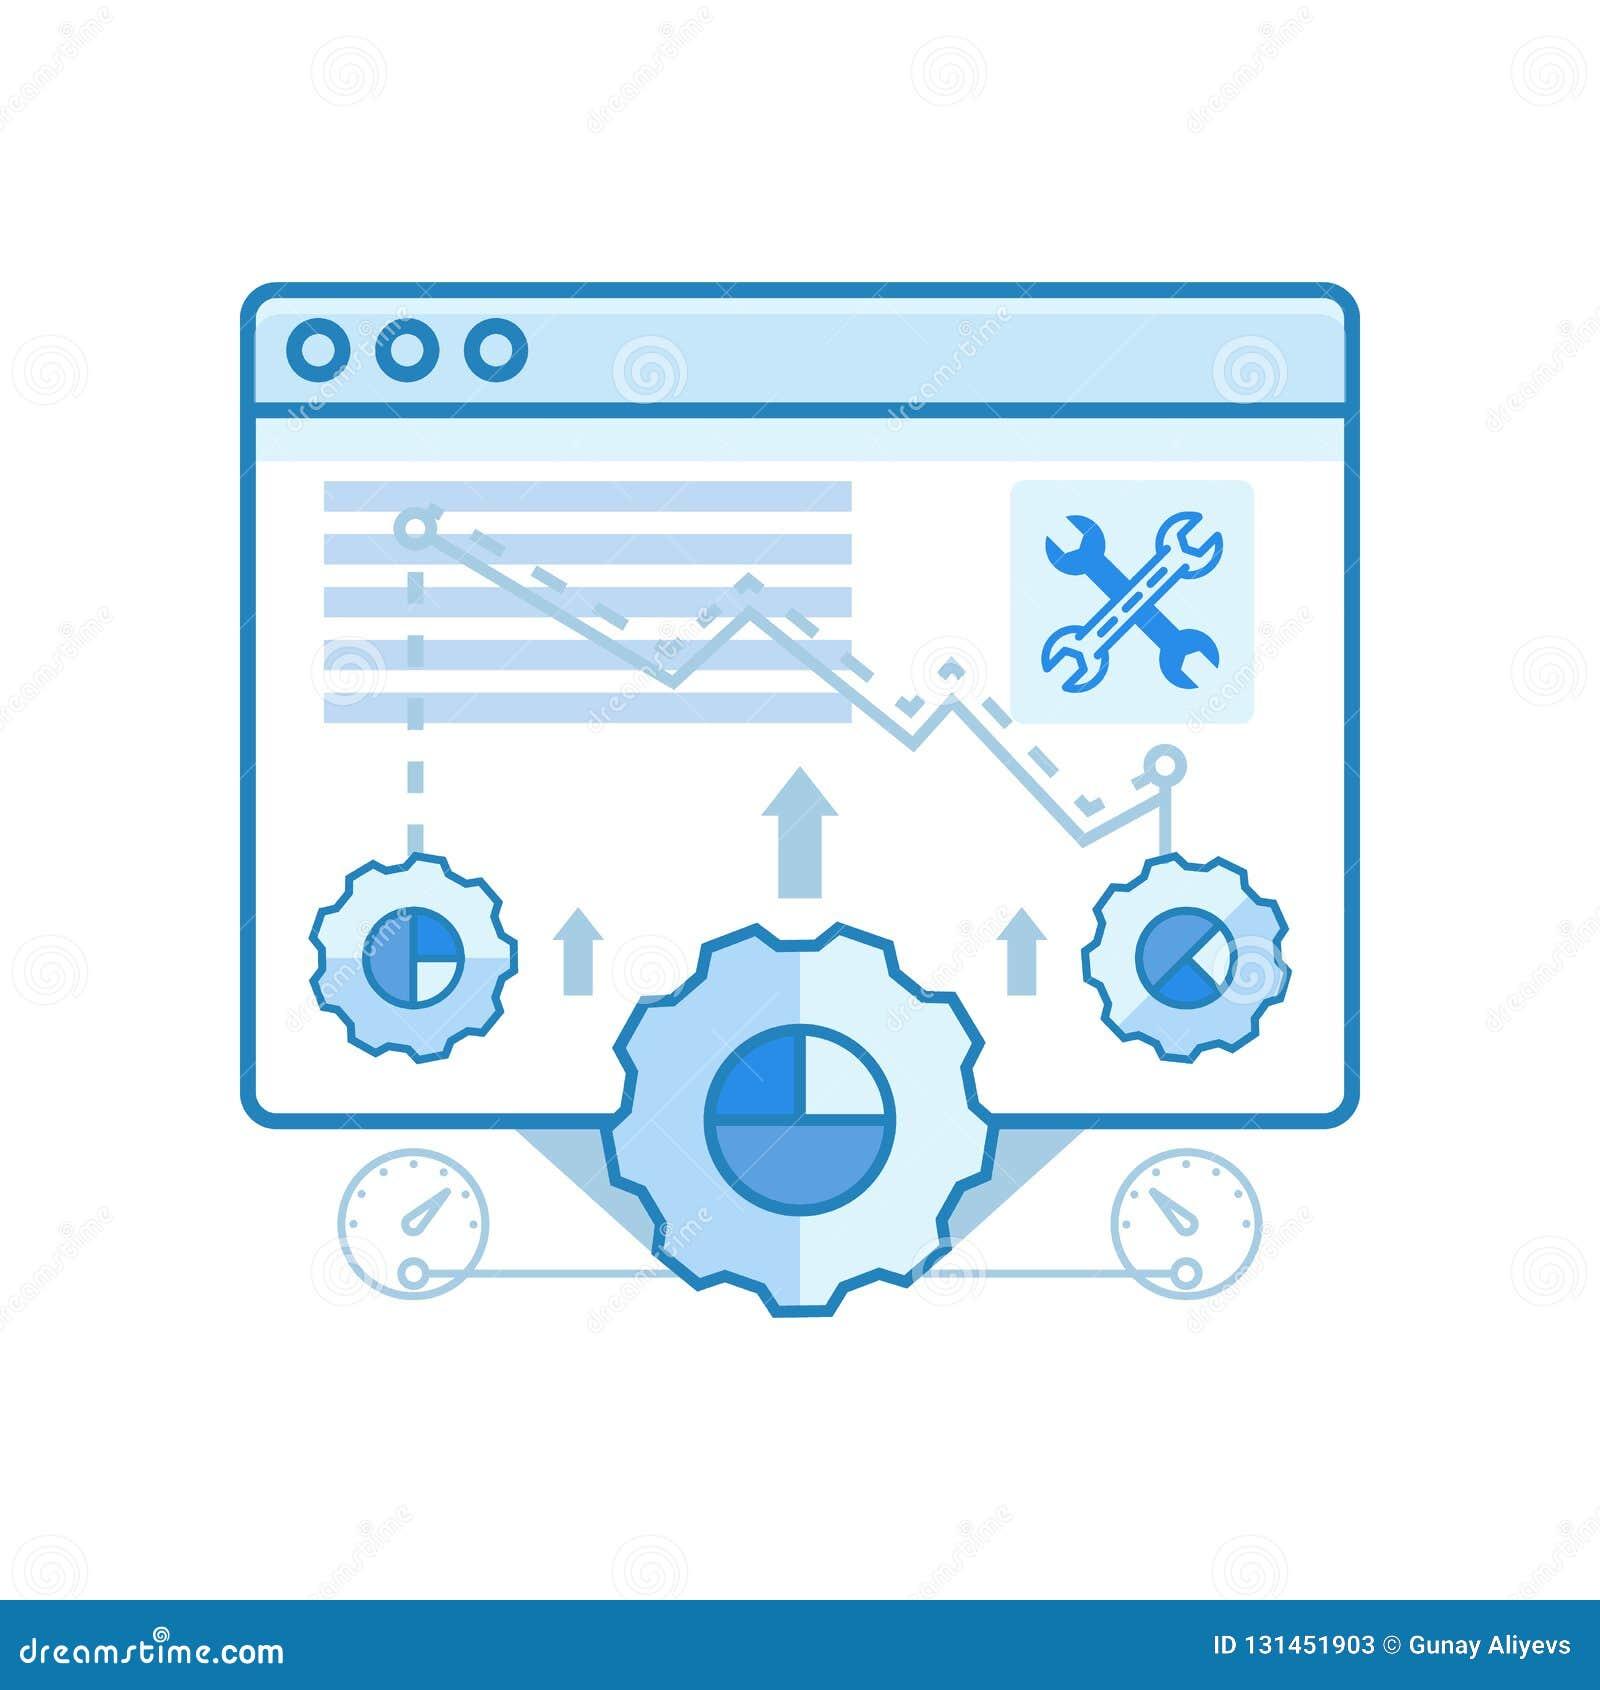 Modernes glattes web browser, Optimierung, Einstellungen entwerfen Ikonen für Netz und Grafikdesign, Ui-Entwurf, Entwicklung, usw